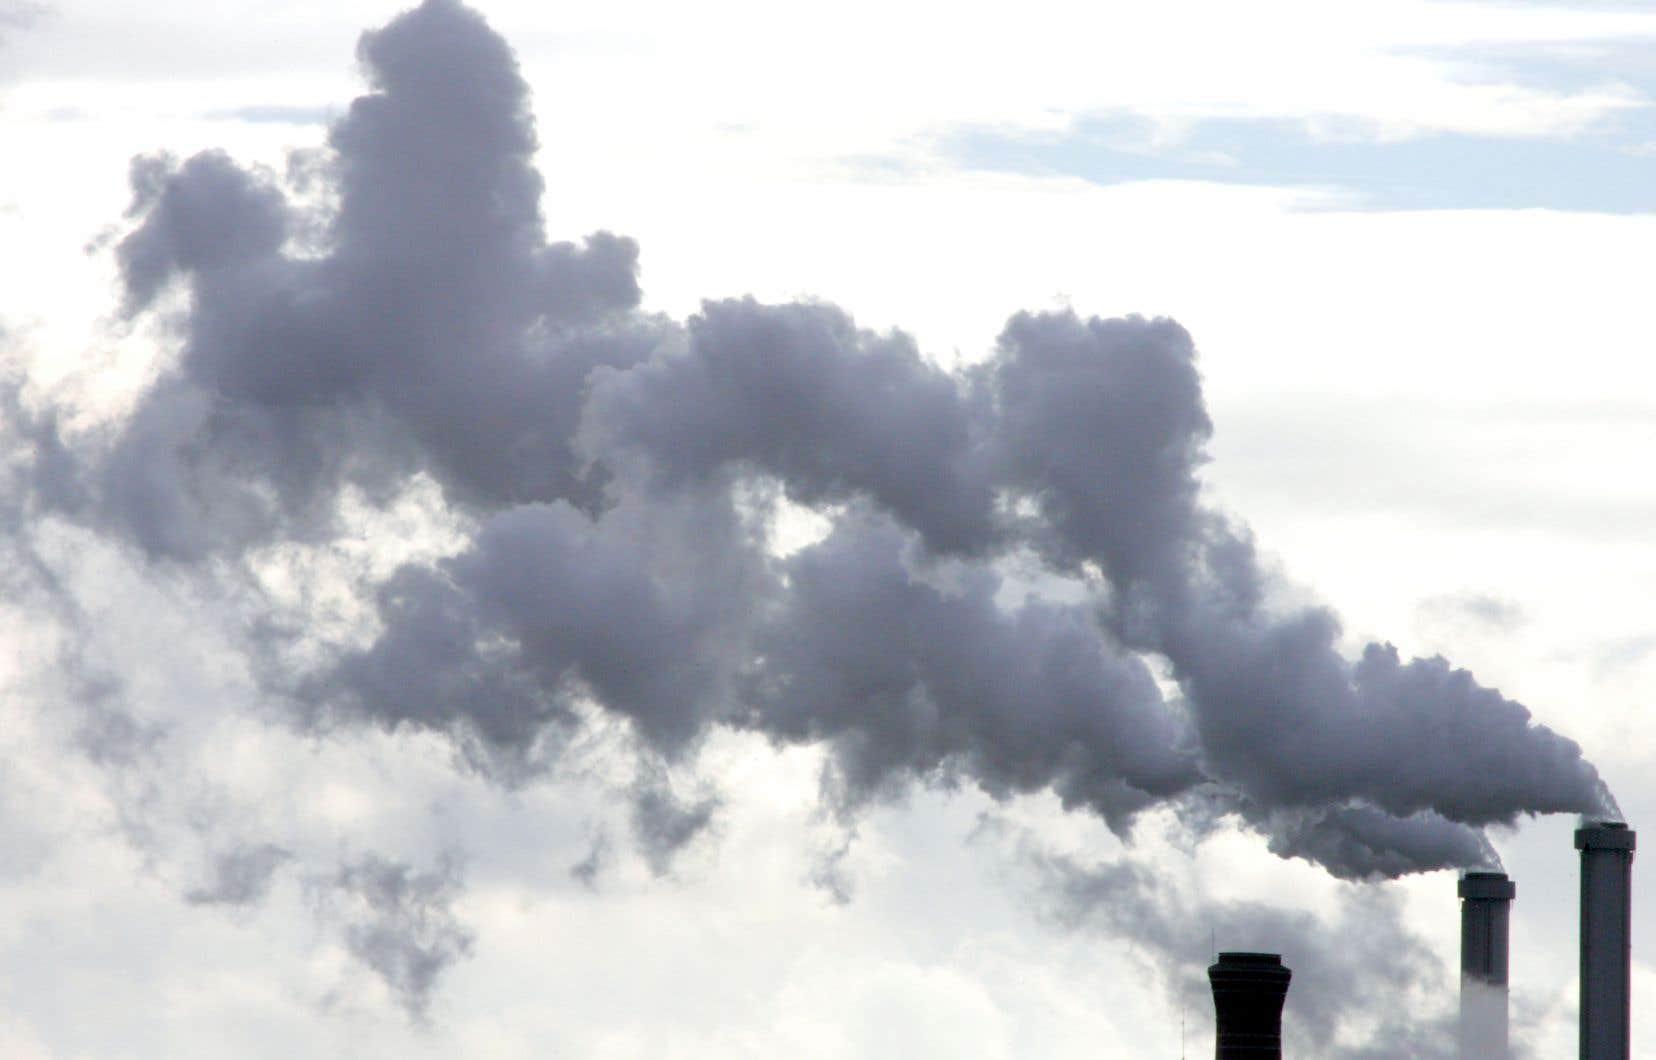 Quatre fois par année, les gouvernements du Québec et de la Californie mettent en vente des unités d'émission de gaz à effet de serre que de grands pollueurs doivent obligatoirement se procurer.